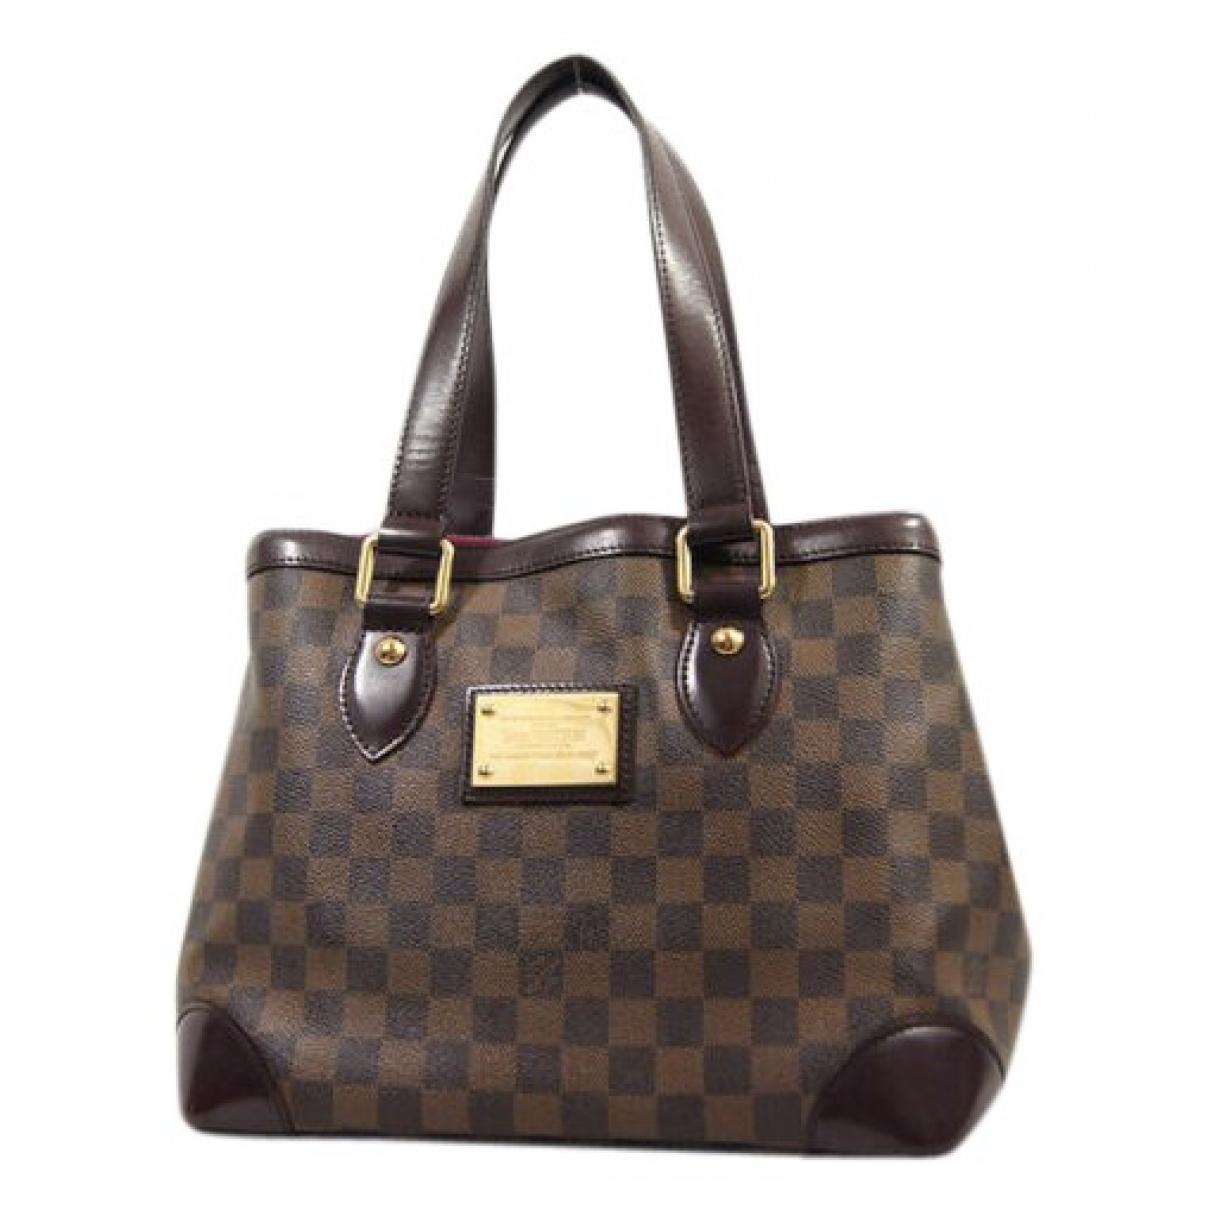 Louis Vuitton - Sac a main Hampstead pour femme en toile - marron